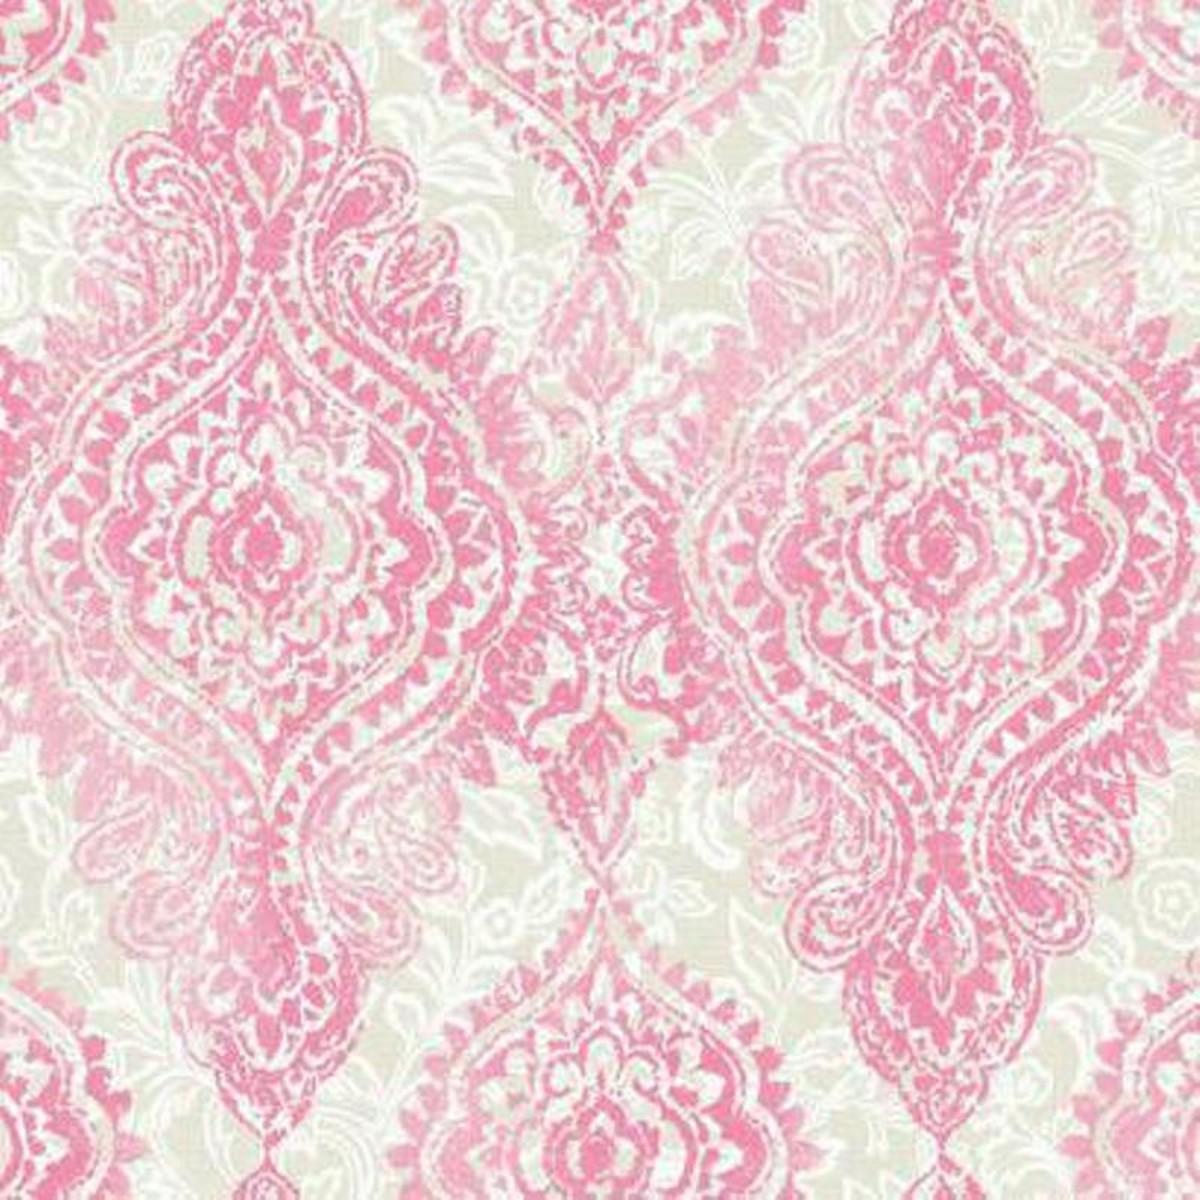 Обои бумажные York Wallcoverings Wallpapher розовые WH2708 0.68 м